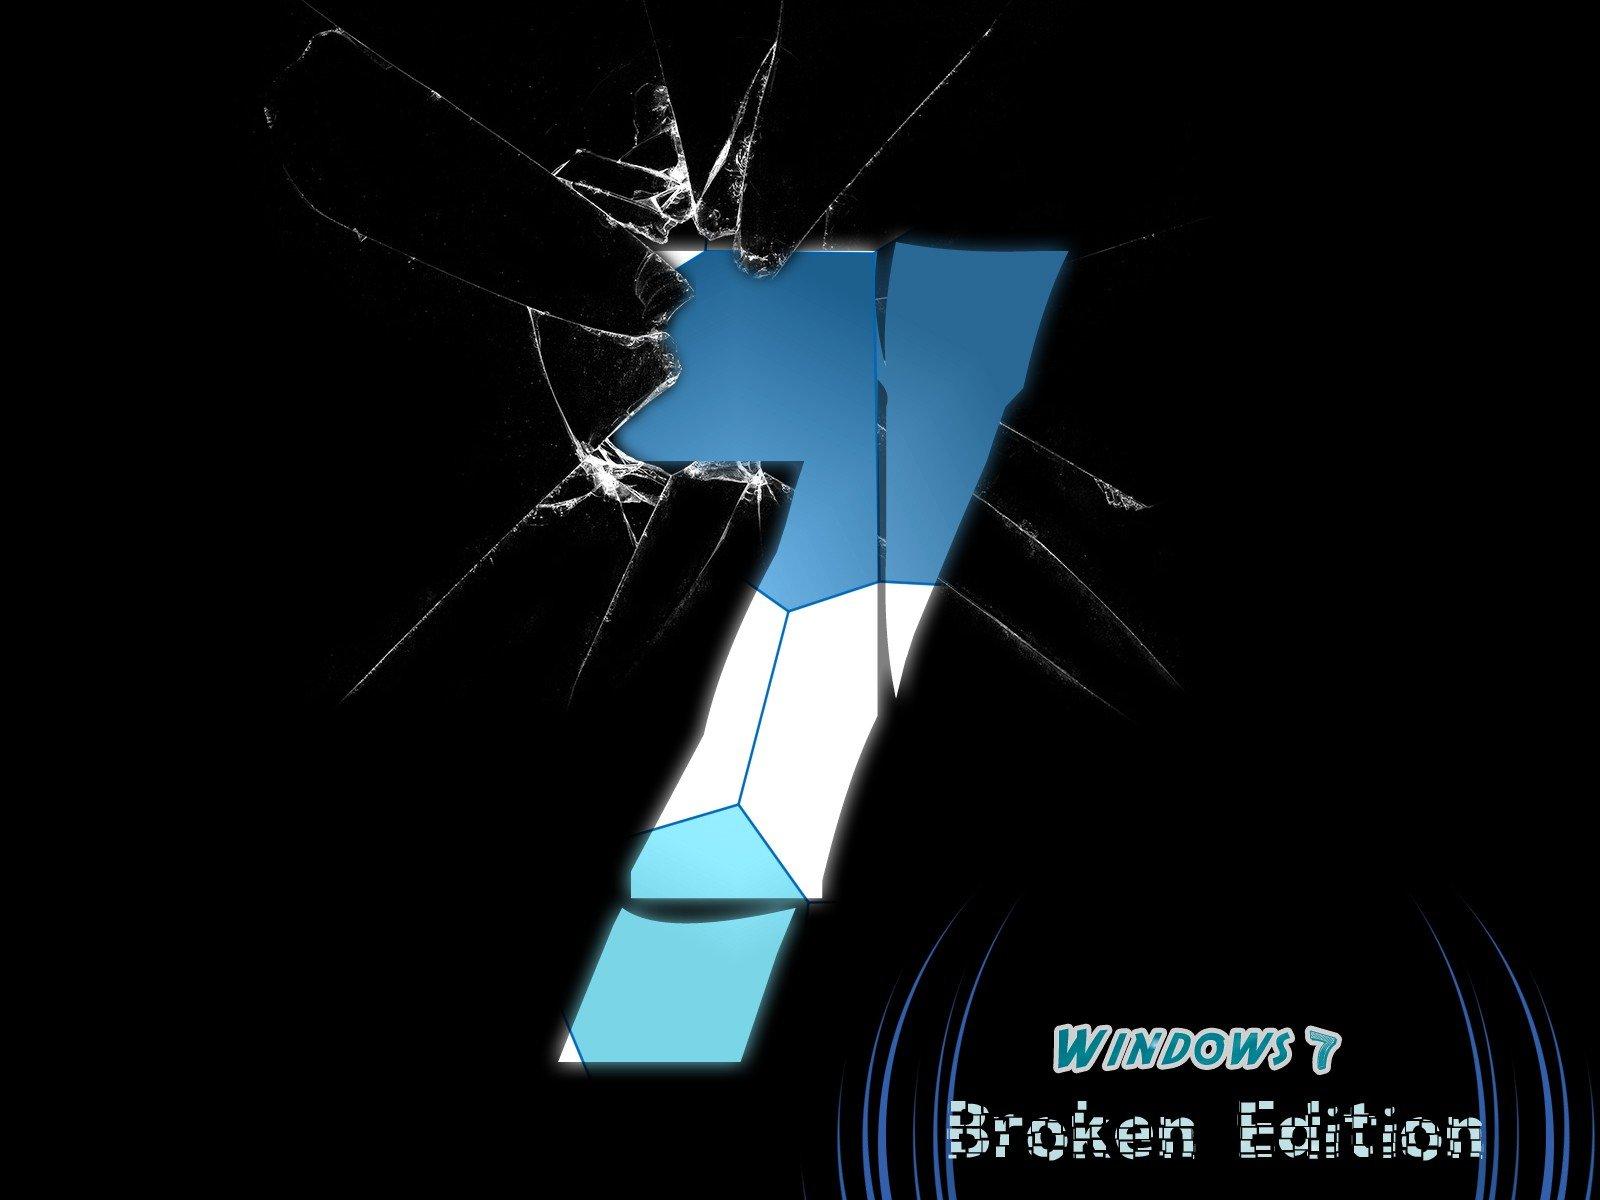 Картинки для разбитого экрана телефона правый верхний угол